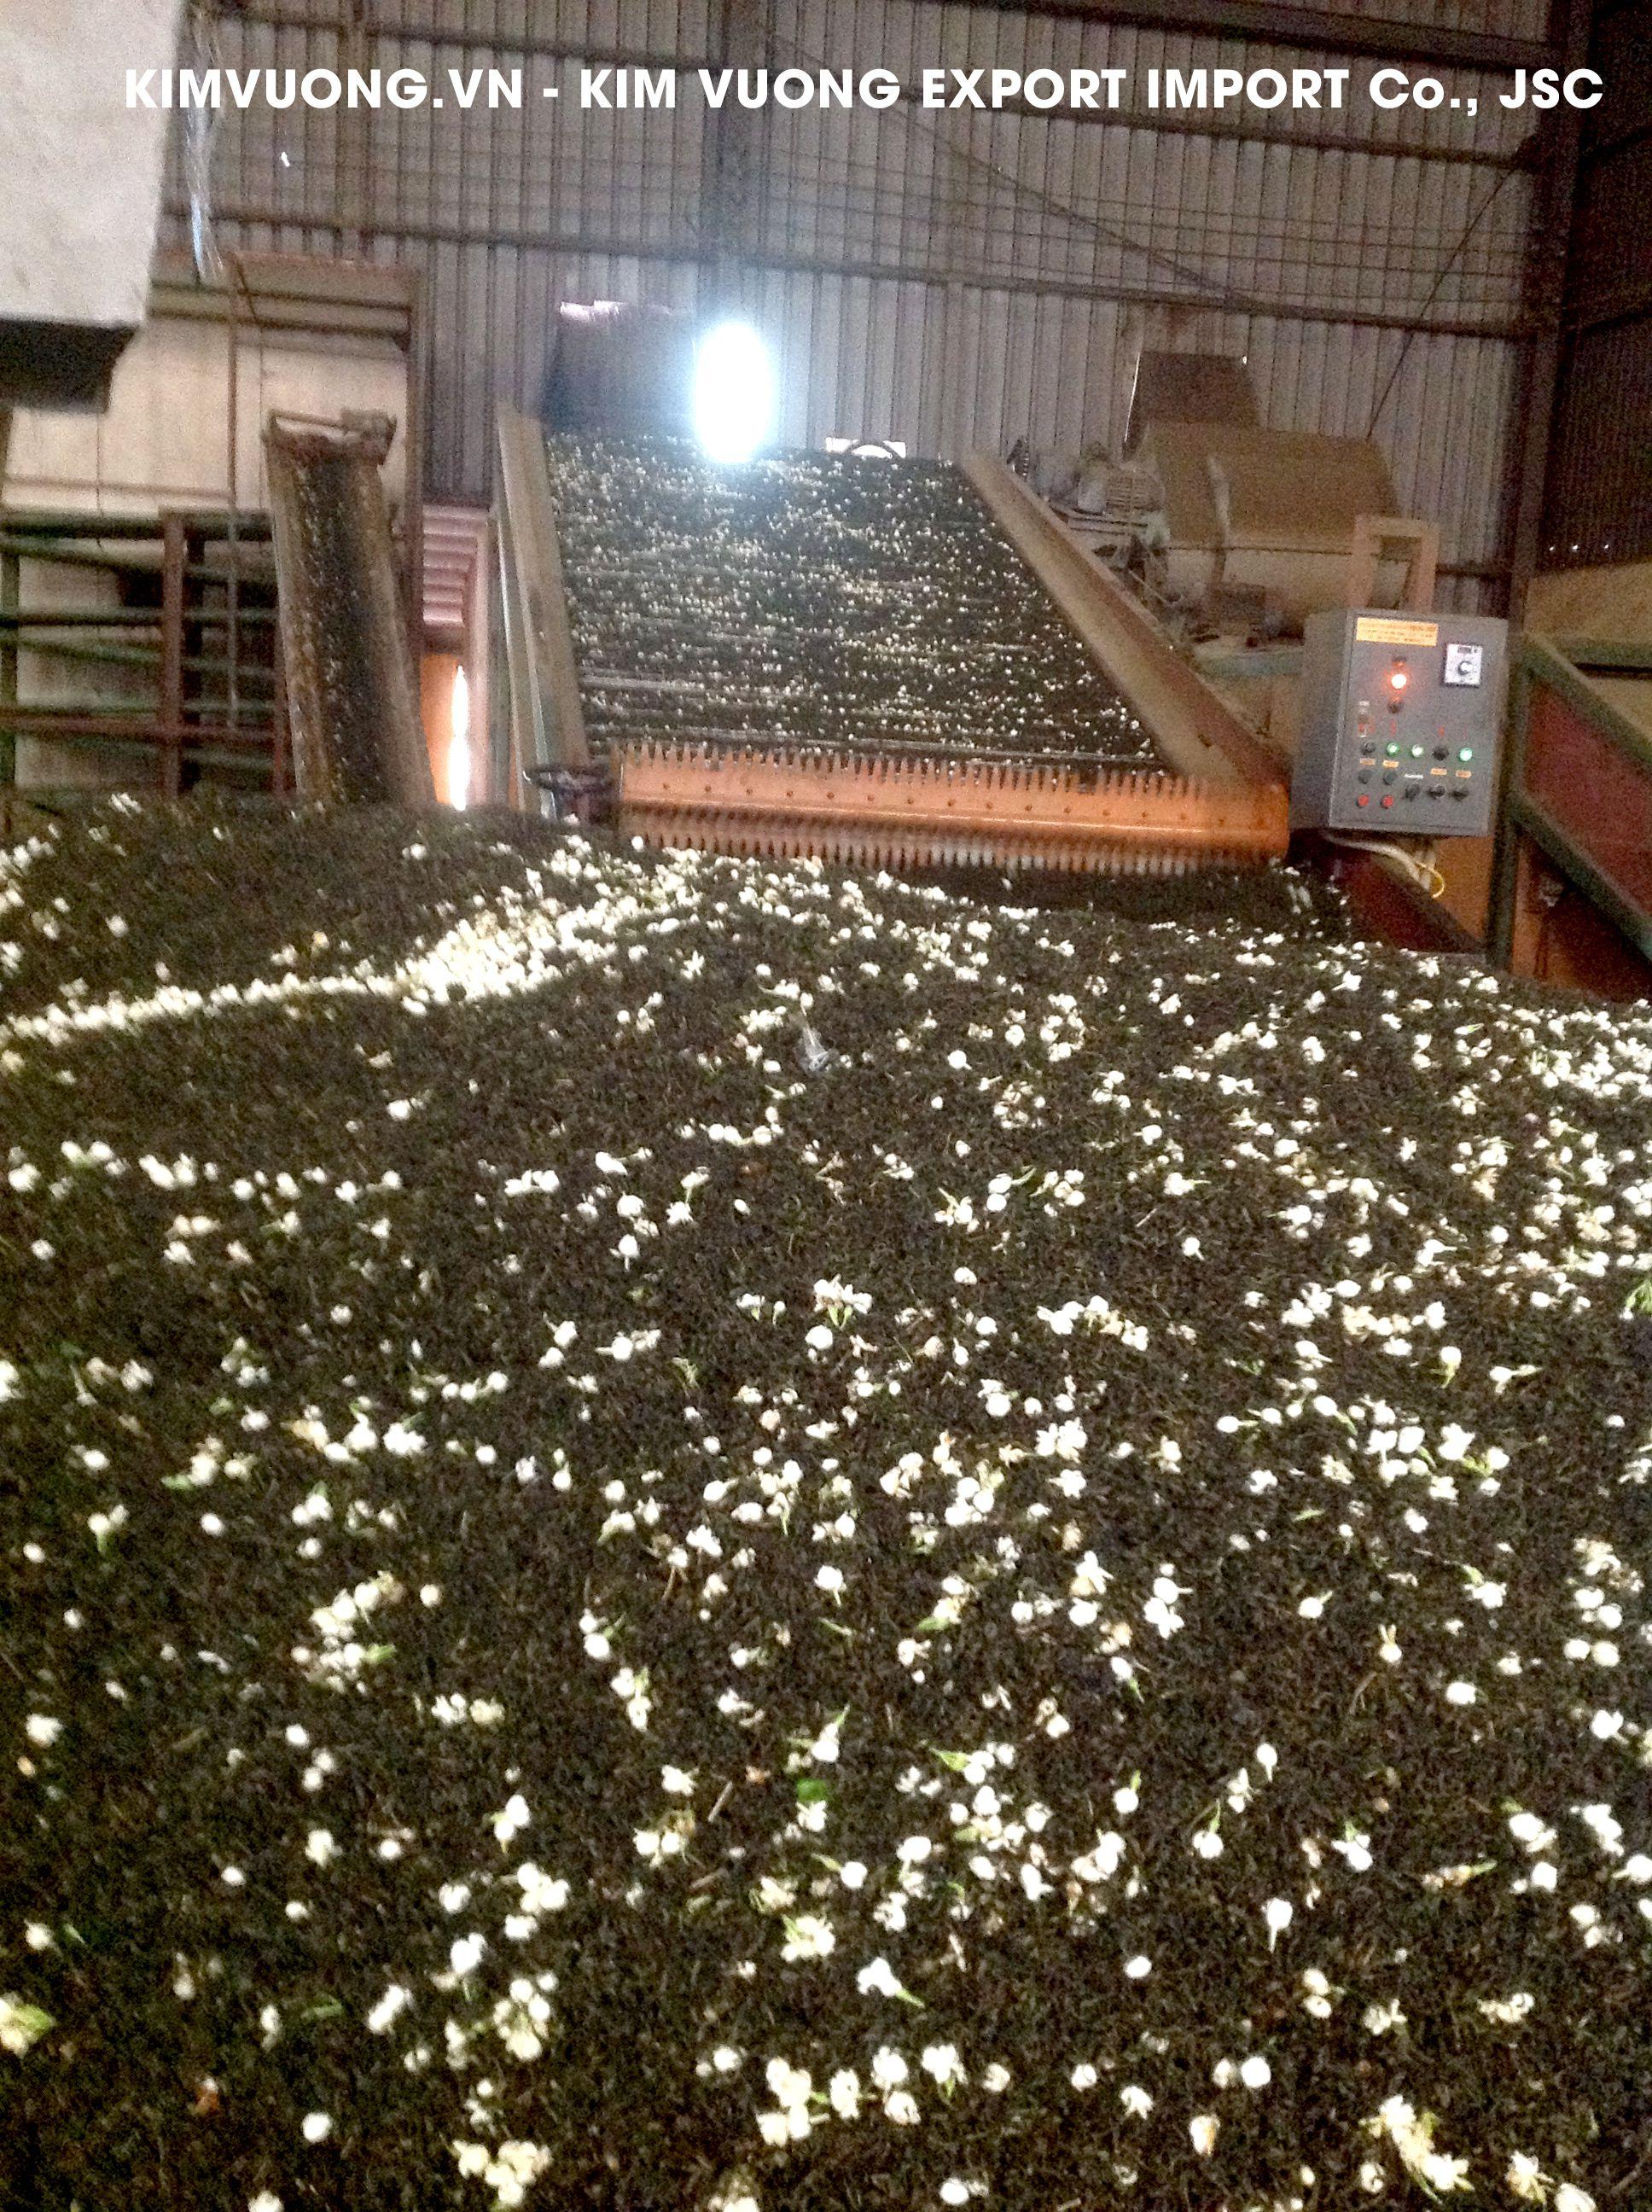 Tea export factory 6 - KIM VUONG EXPORT IMPORT Co.,JSC1